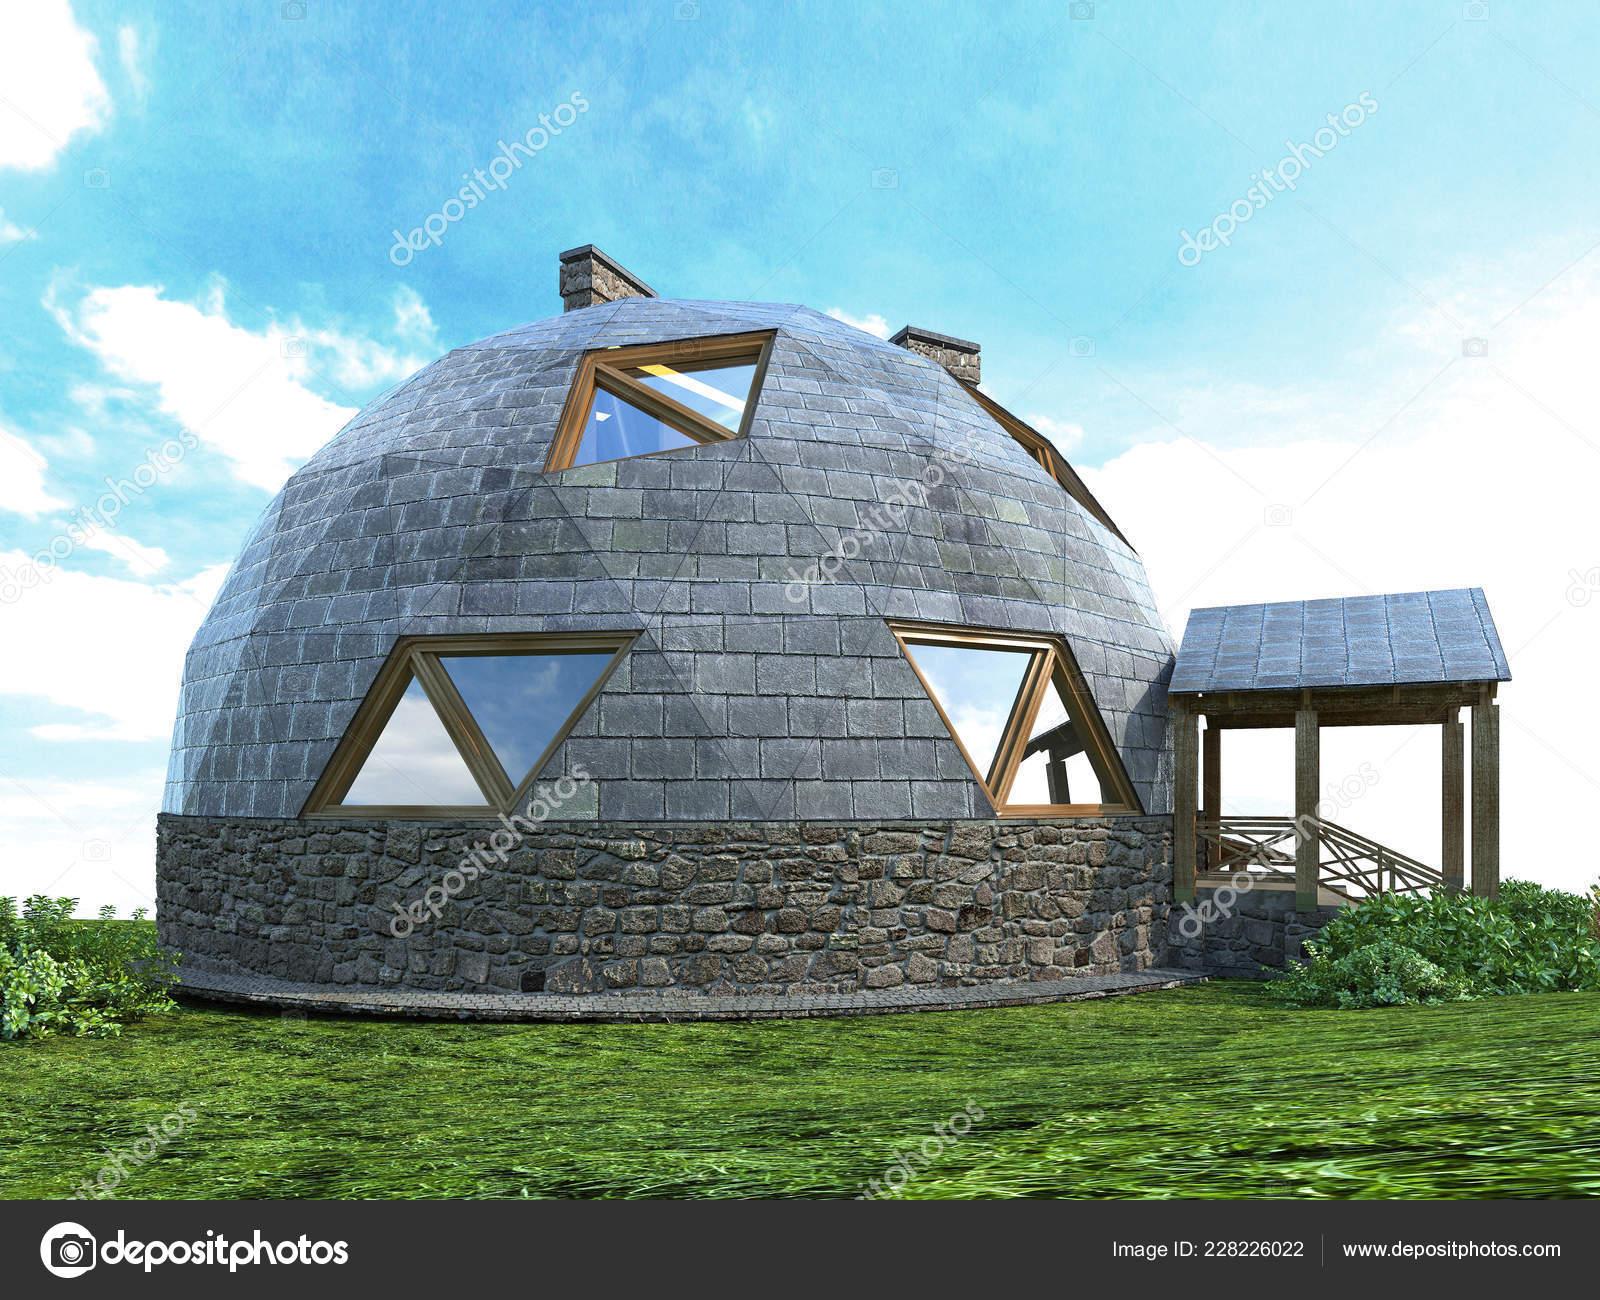 Dôme magnifique maison du futur green design innovation architecture rendu 3d images de stock libres de droits